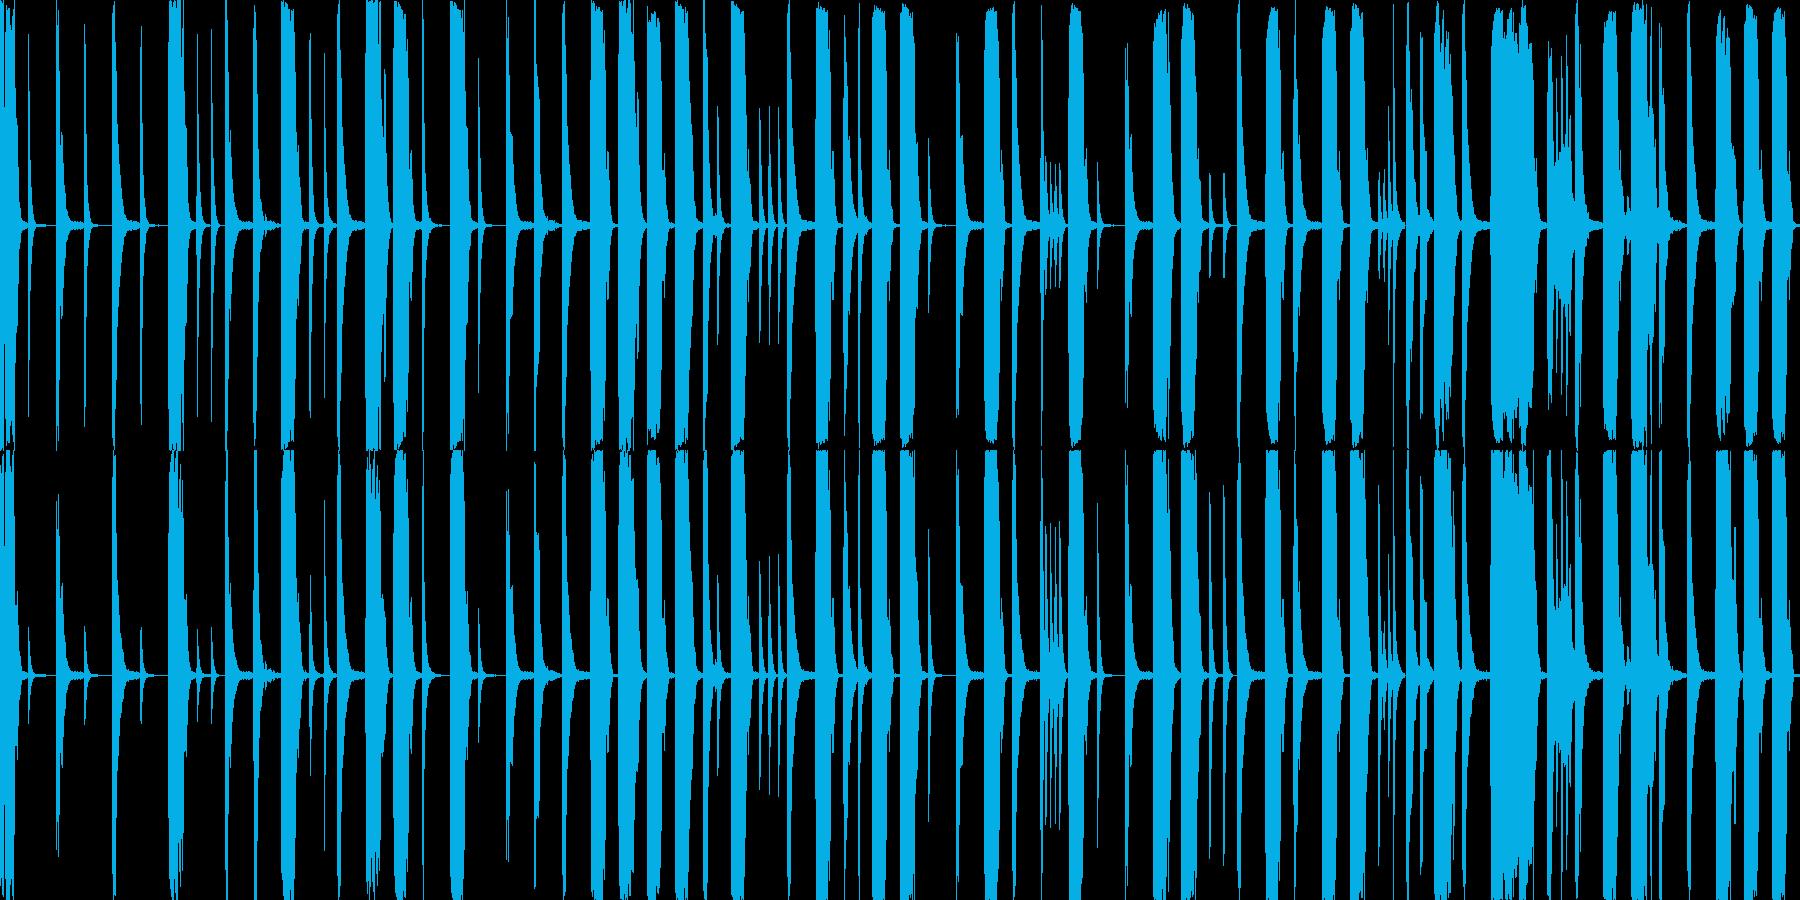 8小節のドラムループの再生済みの波形